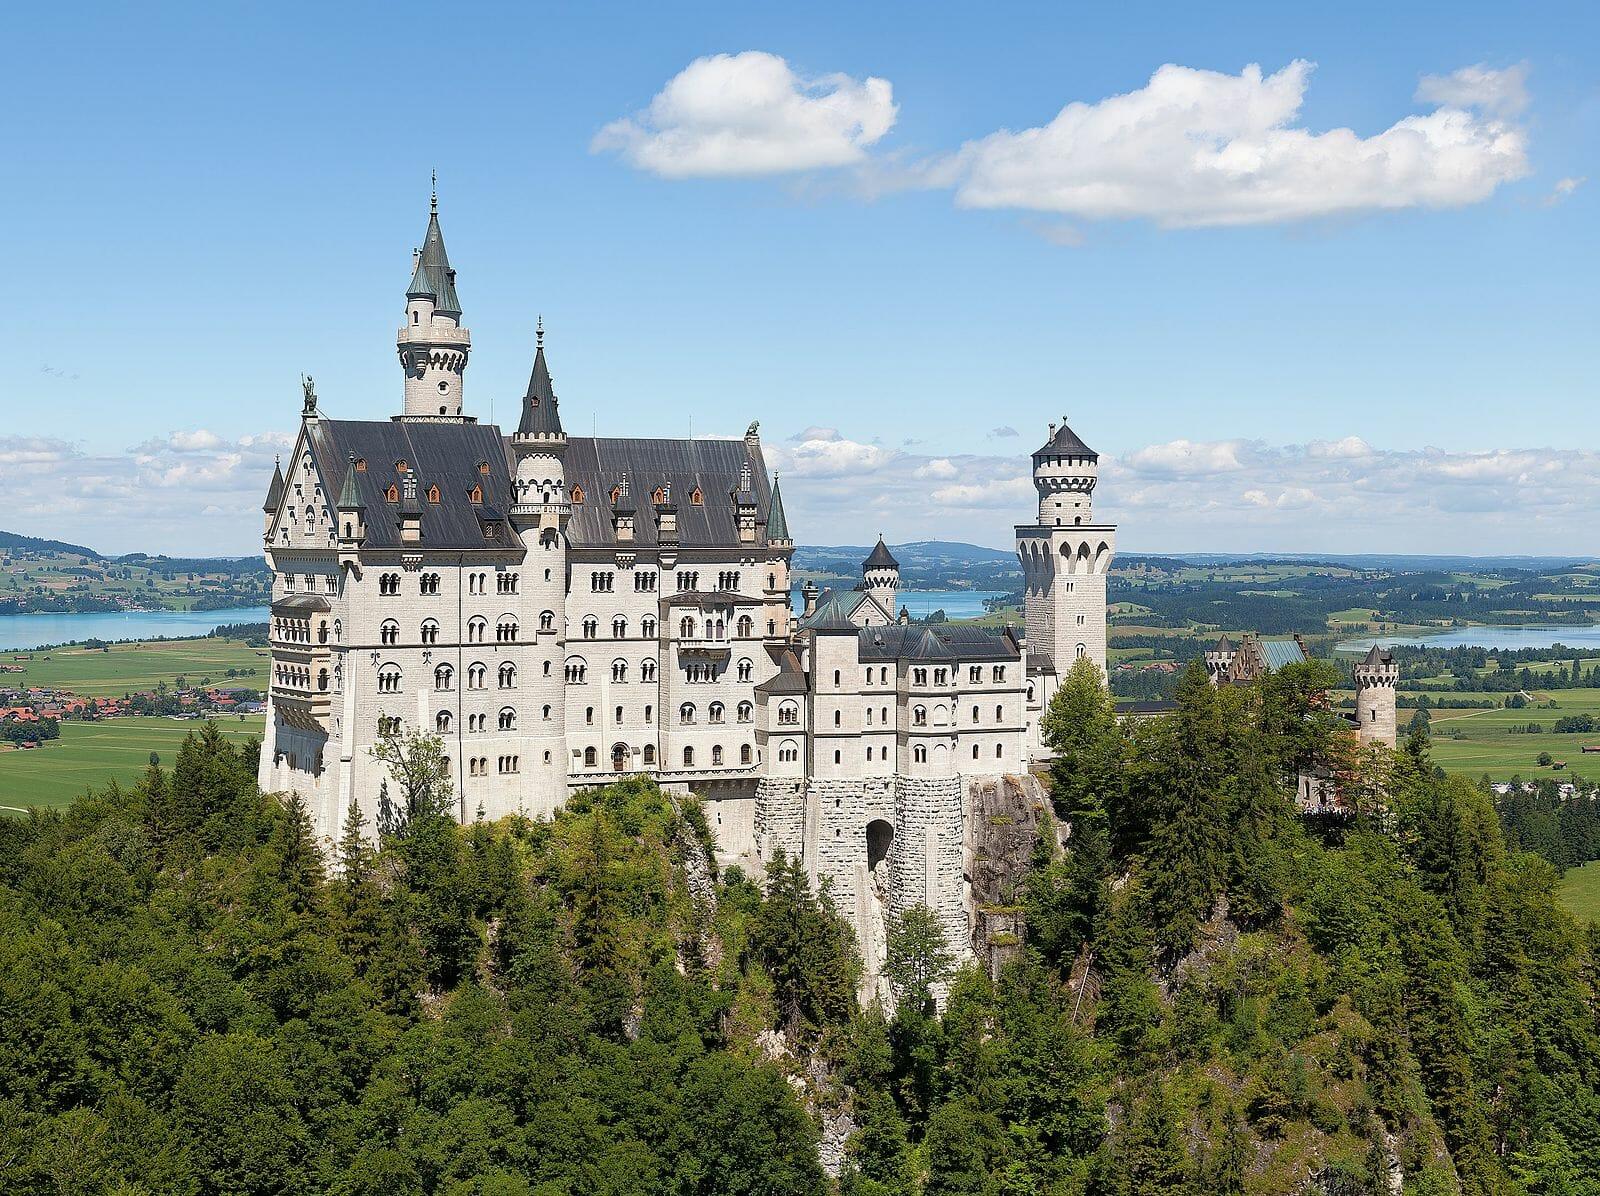 Neuschwanstein Castle by Thomas Wolf